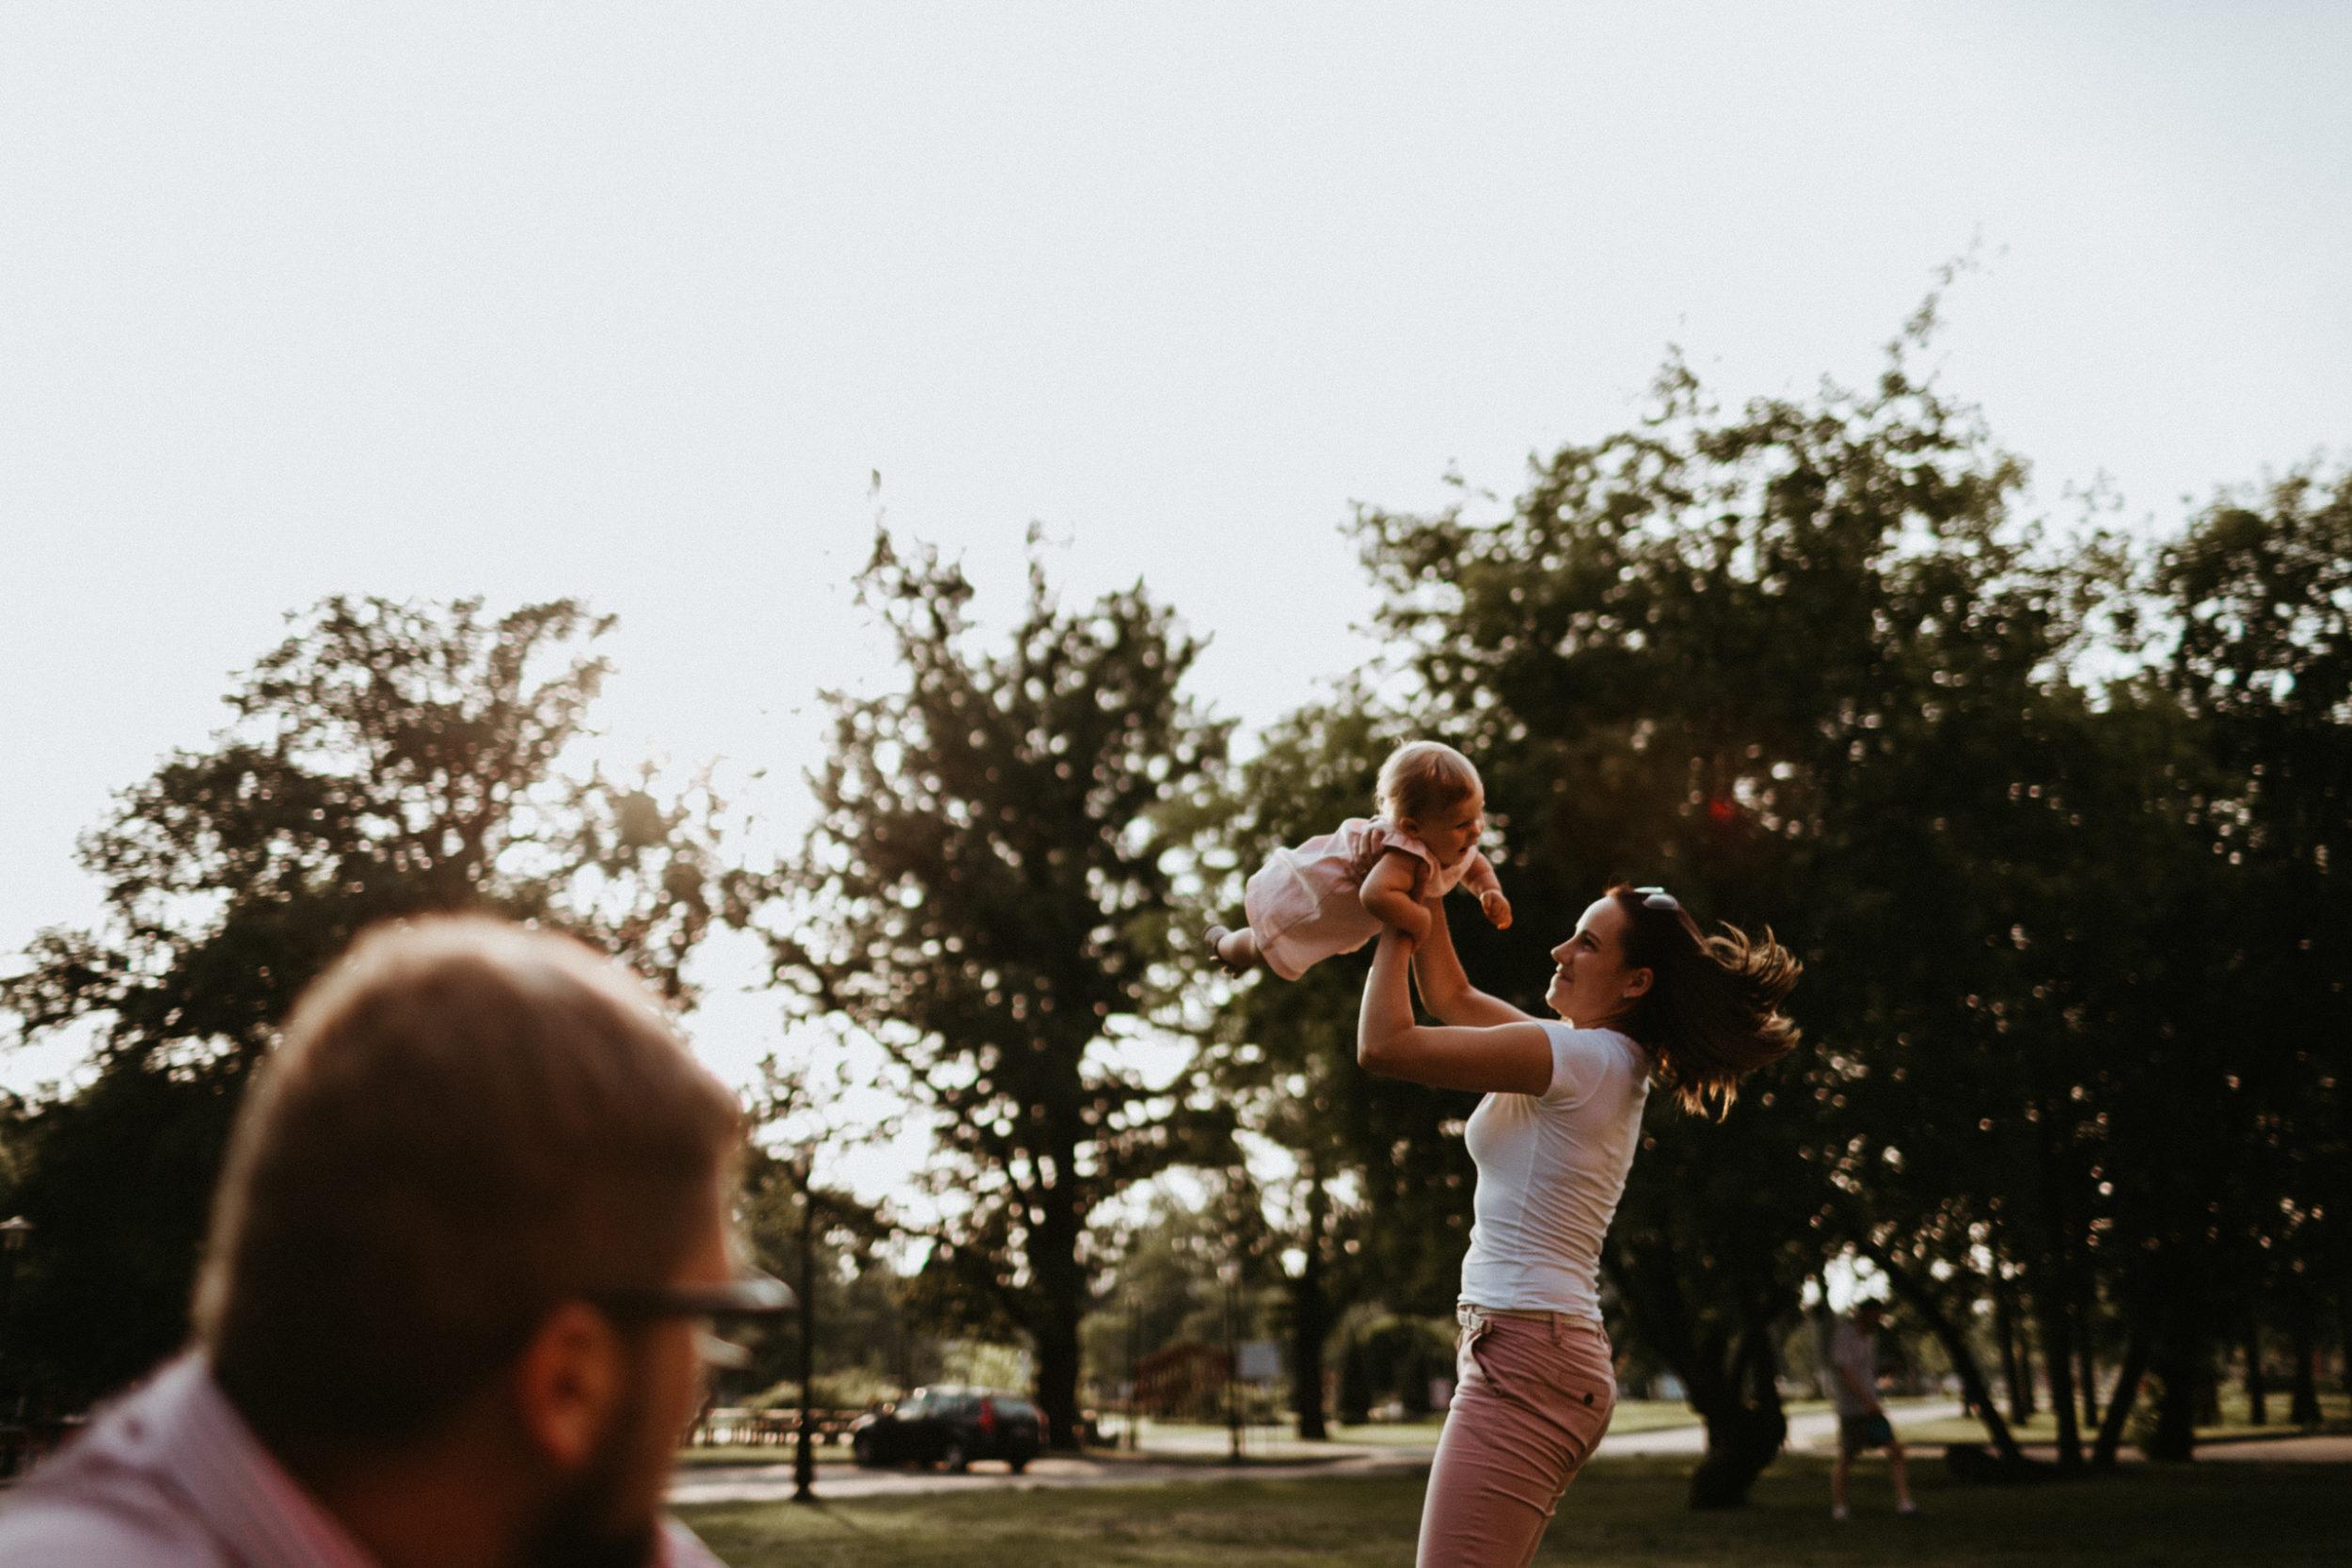 sesja rodzinna w miescie fotografia slask 00025